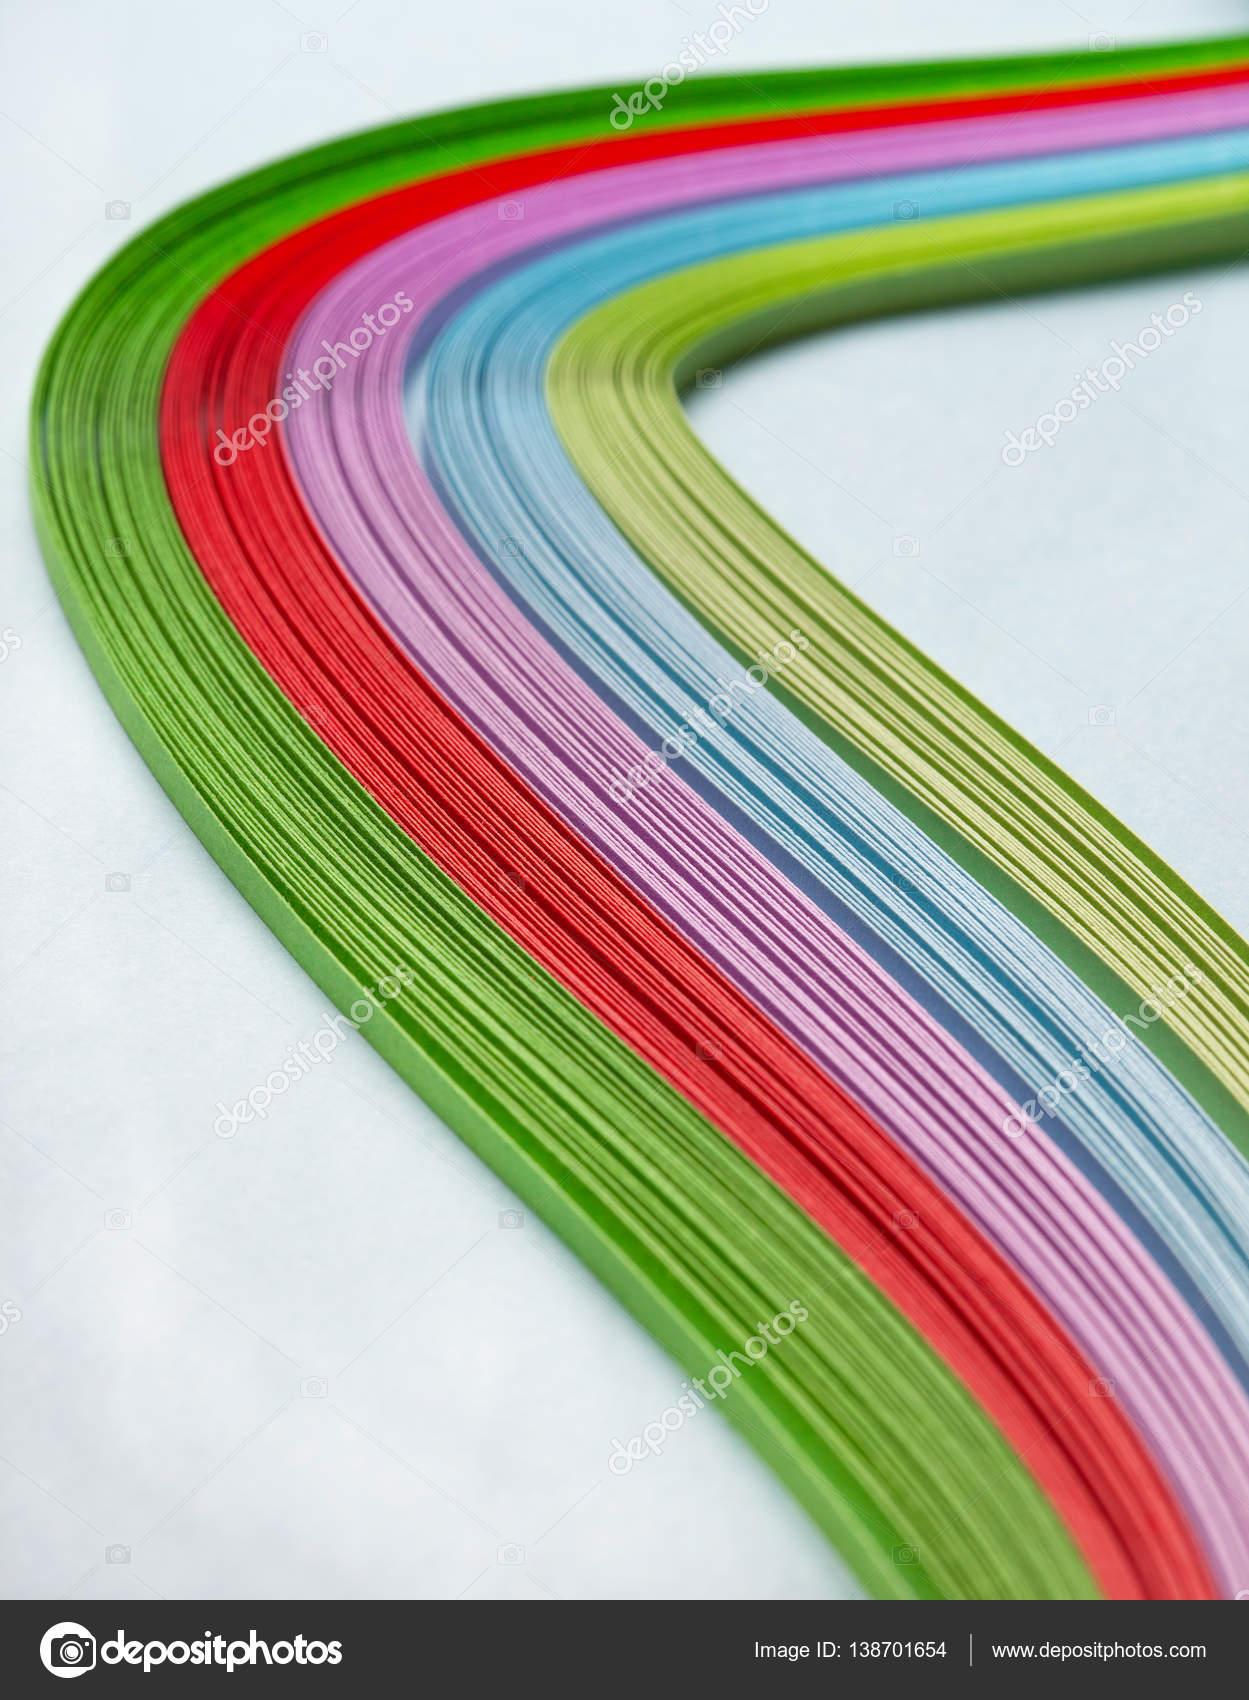 quilling de papel de colores — Foto de stock © Natashamam #138701654